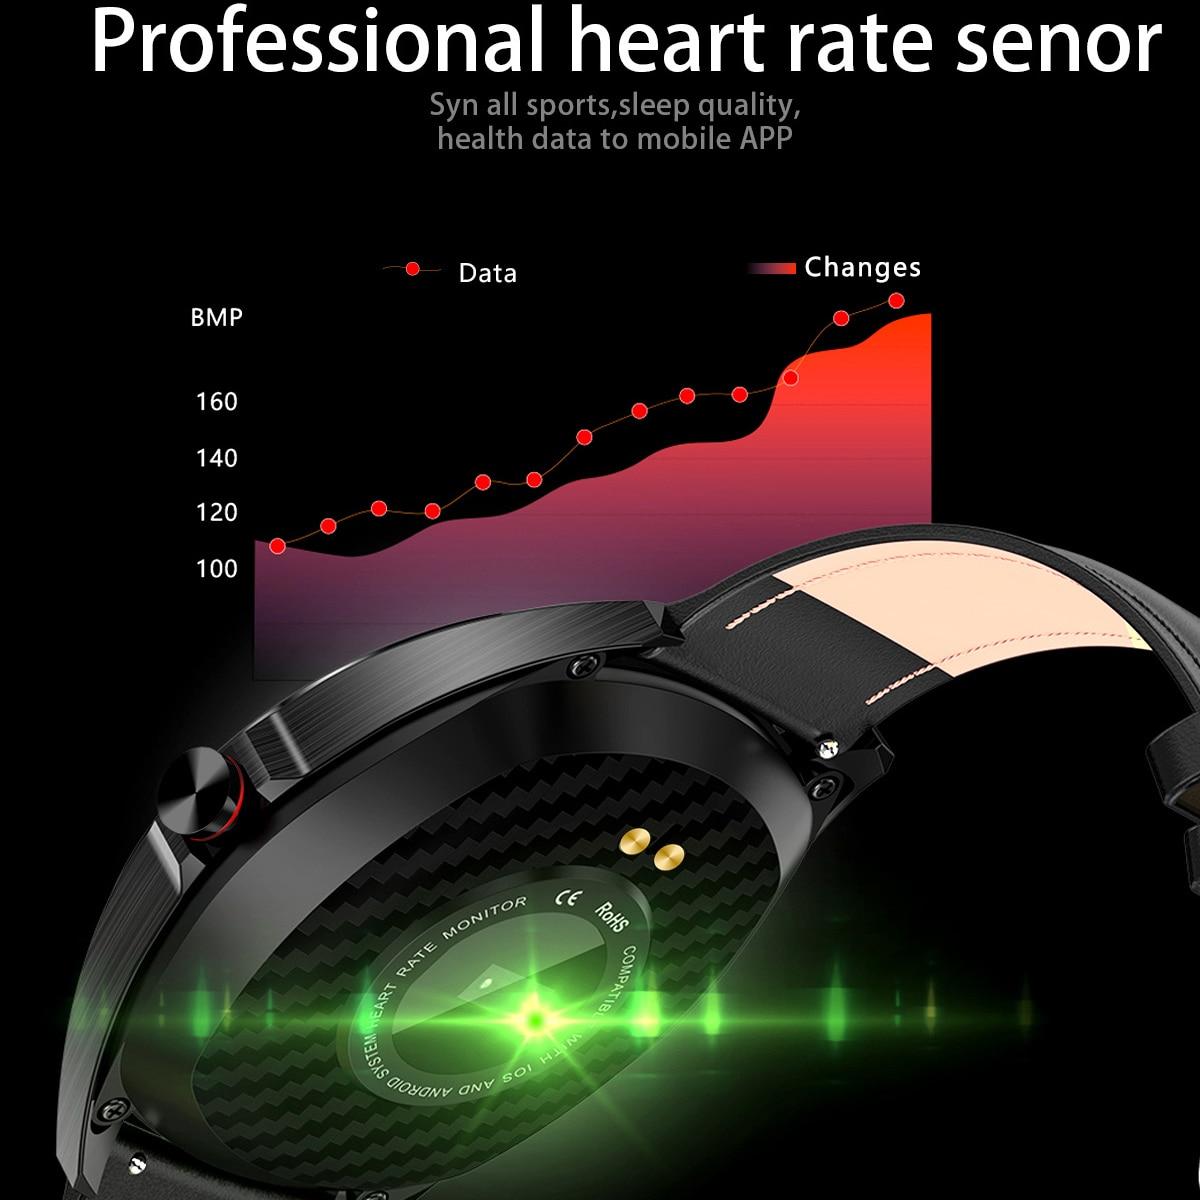 """Garde temps K7 IP68 étanche montre intelligente 1.3 """"écran tactile rond moniteur de sommeil de fréquence cardiaque Sport Smartwatch Tracker de Fitness-in Montres connectées from Electronique    2"""